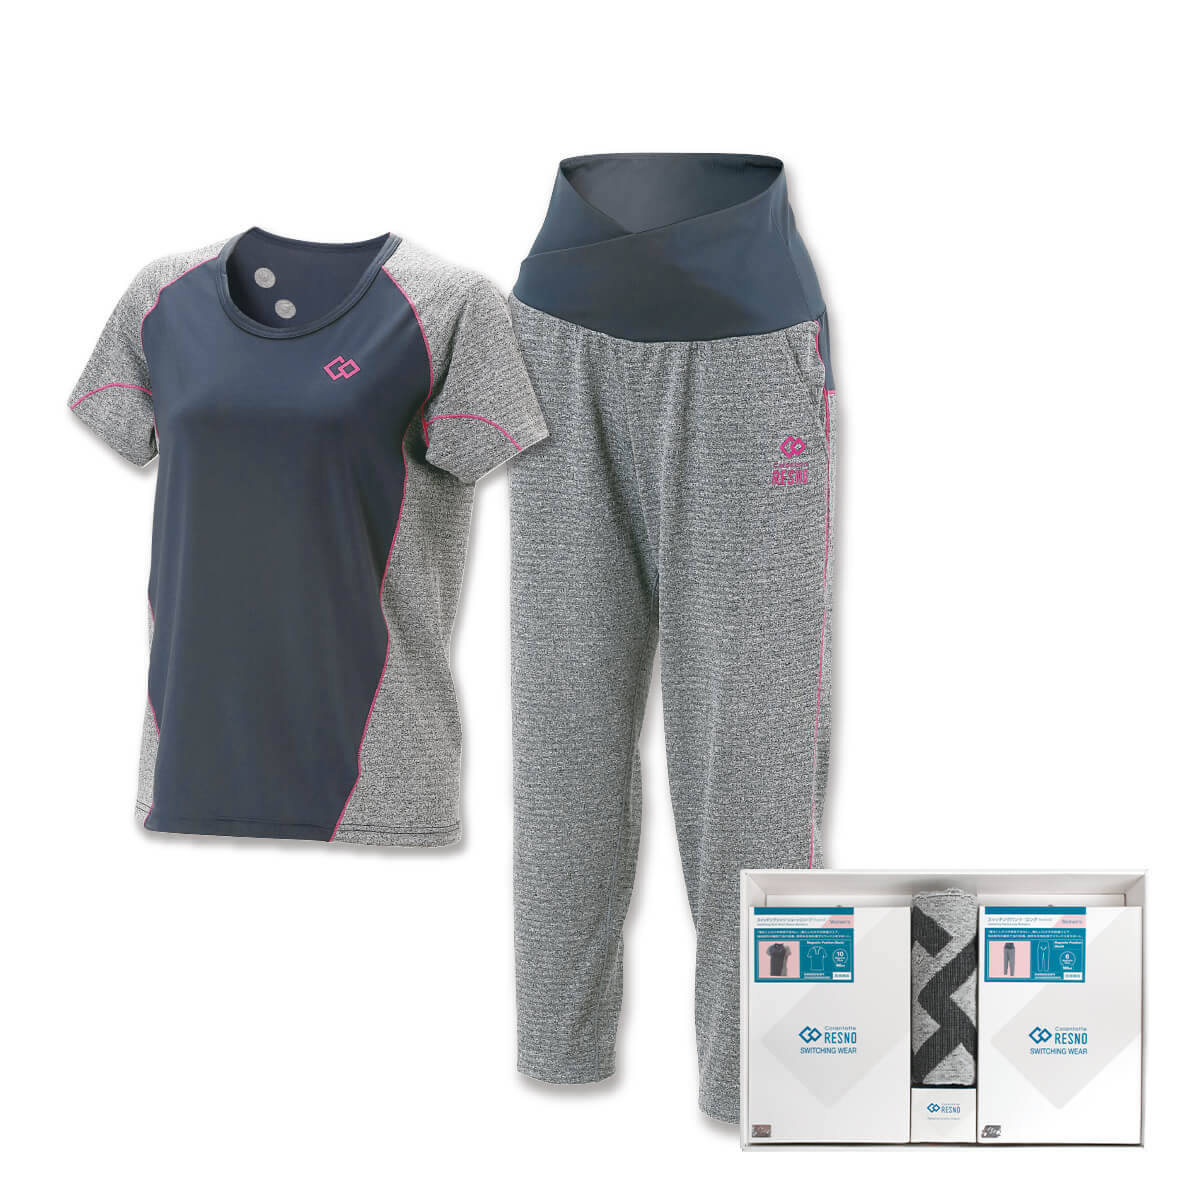 コラントッテRESNO スイッチングシャツ & パンツセット WOMEN'S(ショート × ロング)